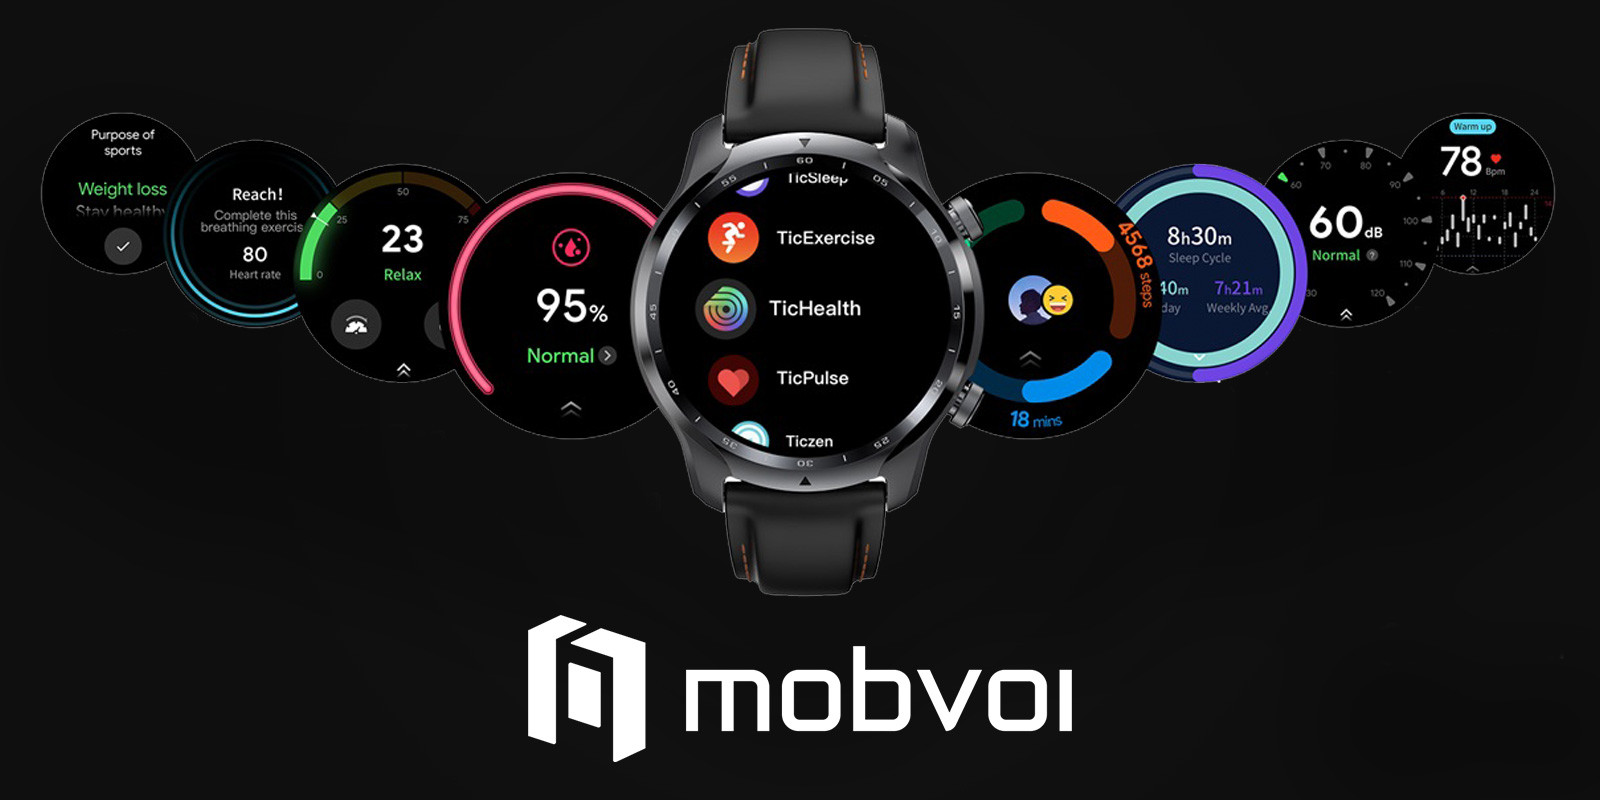 Mobvoi